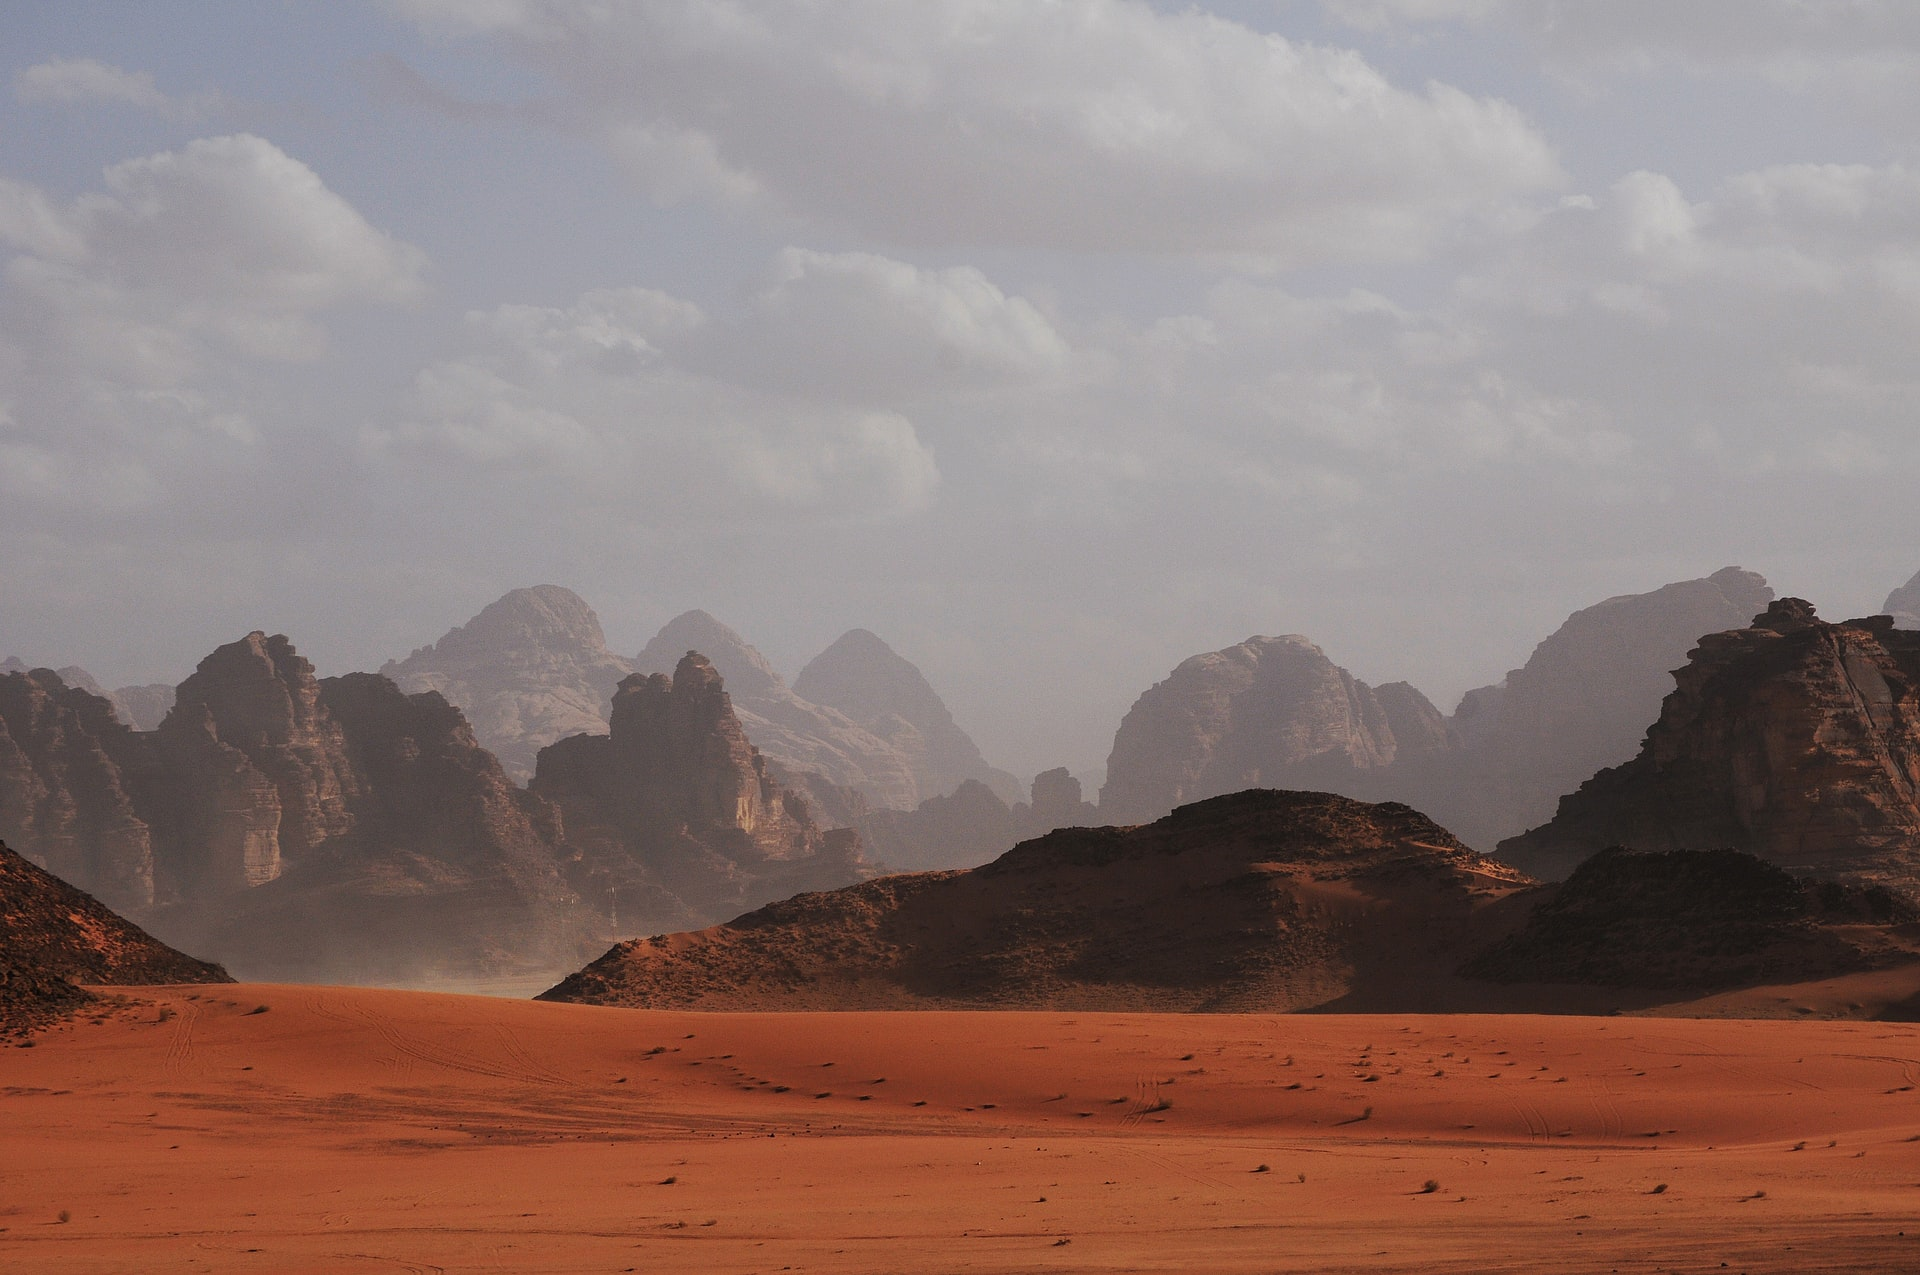 Un paysage évoquant l'aridité de Mars